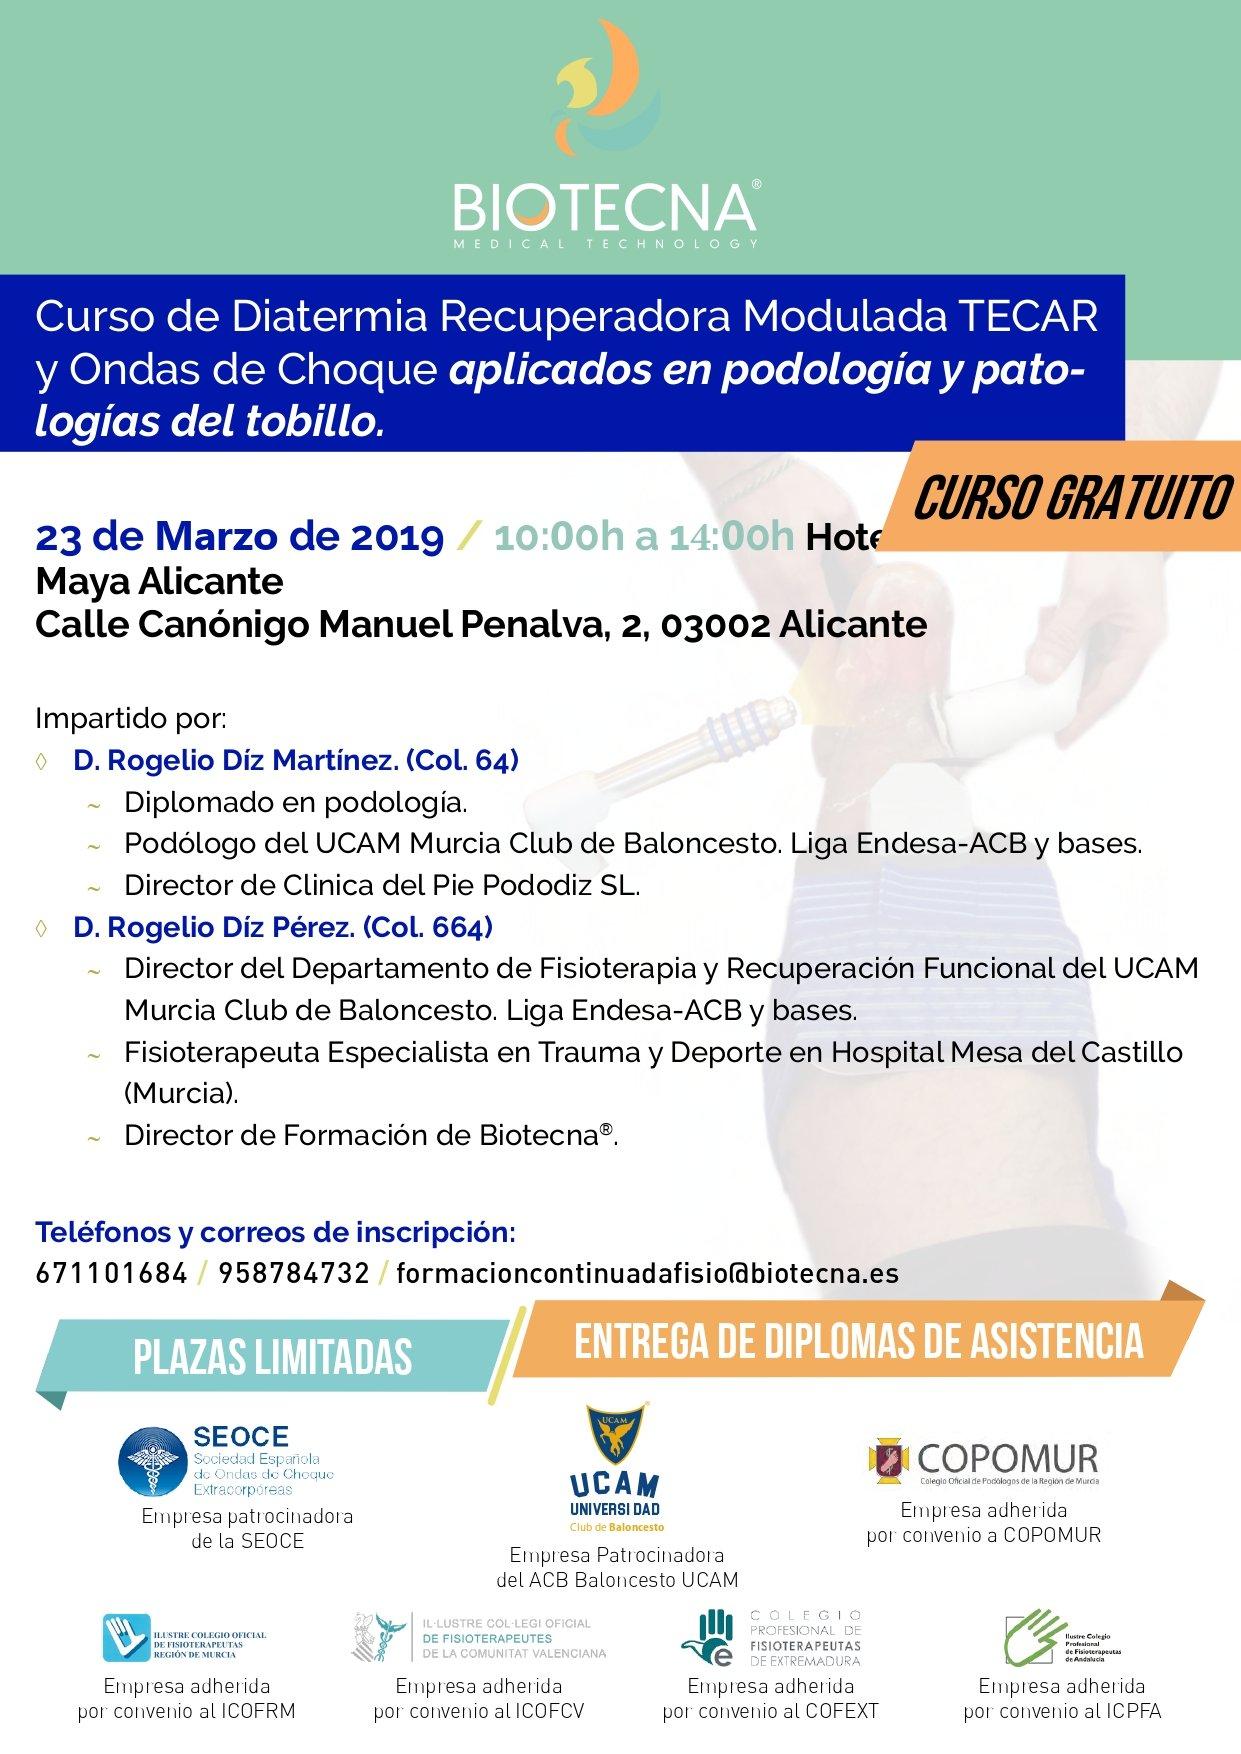 Curso de Diatermia Recuperadora (Tecar) y Ondas de Choque, aplicados en Podología y Patologías del Tobillo.